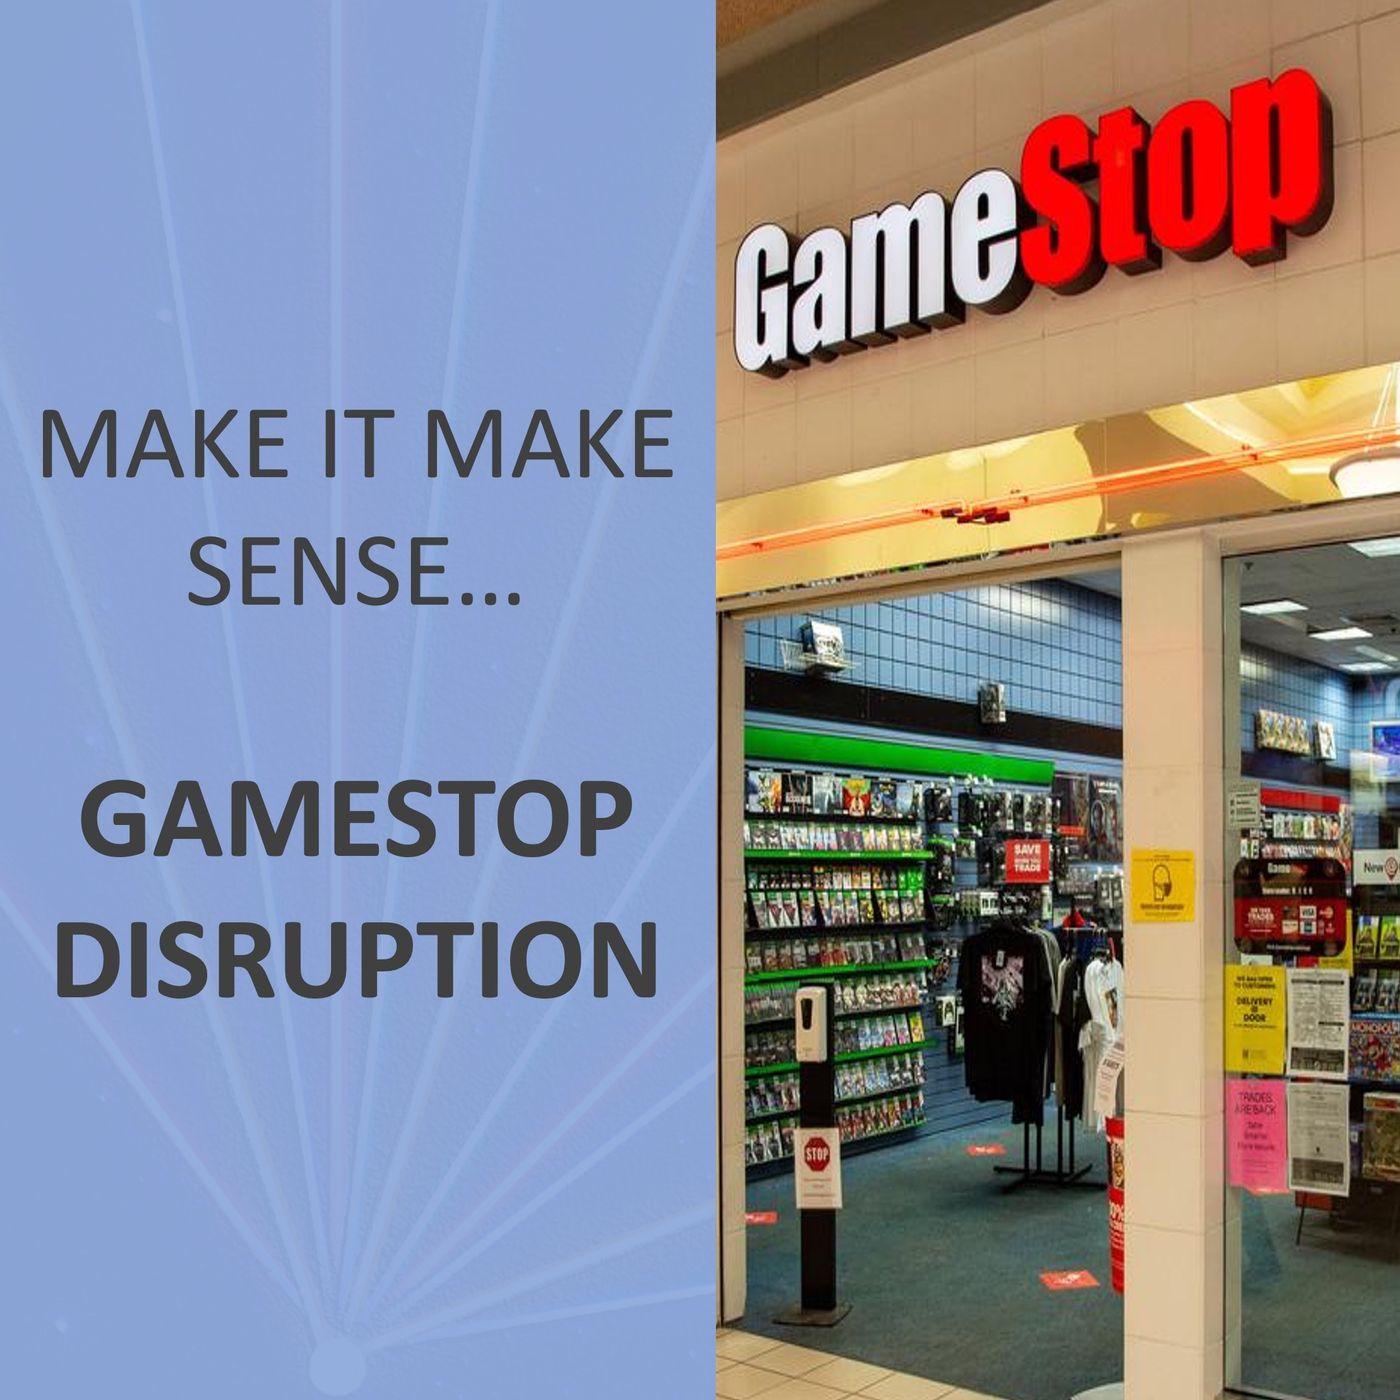 Make It Make Sense... GameStop